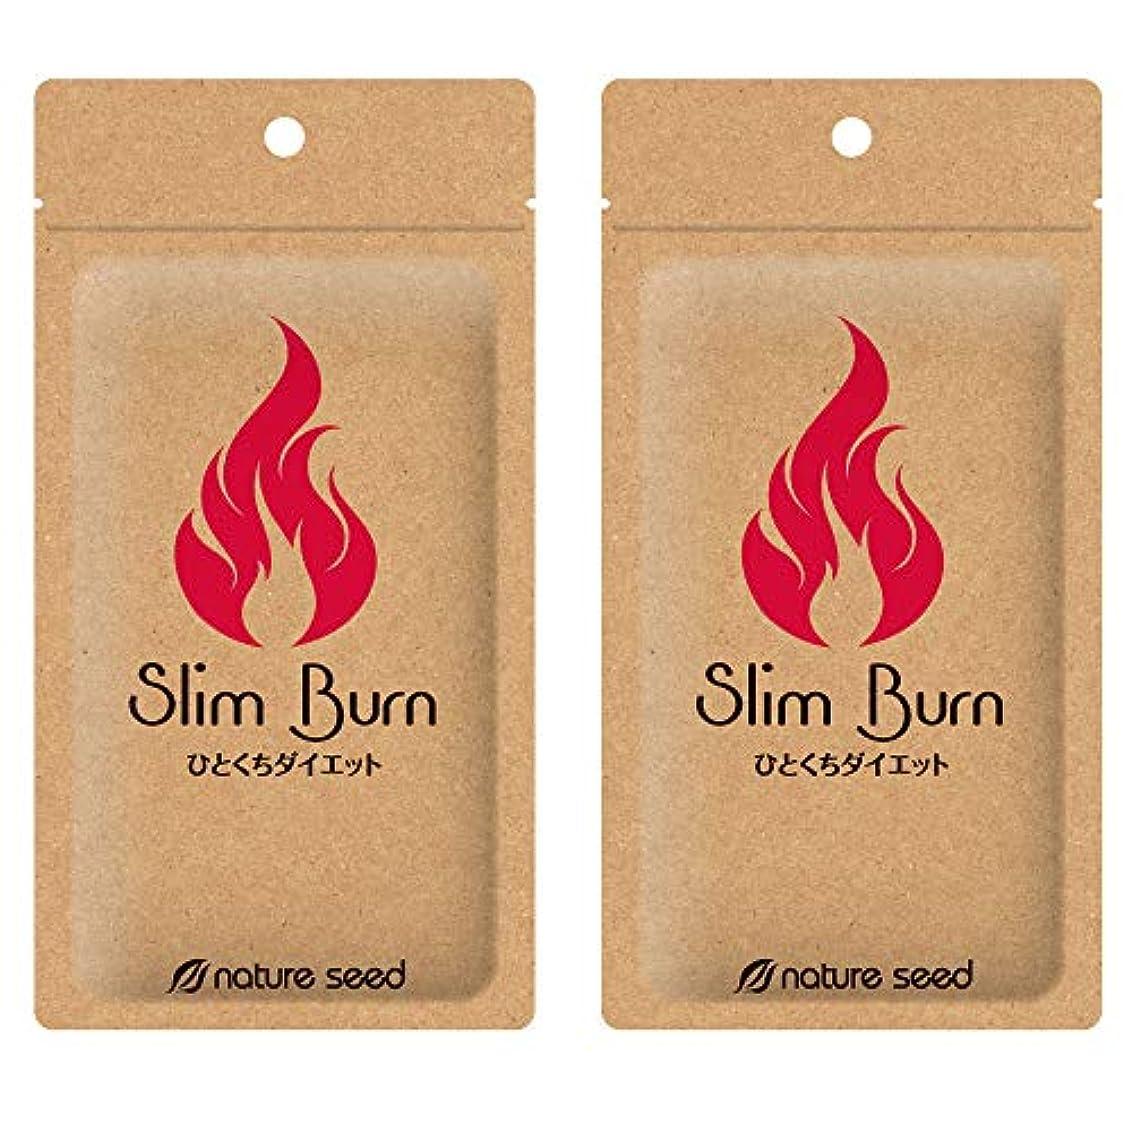 木残酷優先権[燃焼サプリ]ダイエット 脂肪燃焼 くびれメイクをサポート サプリメント スリムバーン 2袋(約60日分)